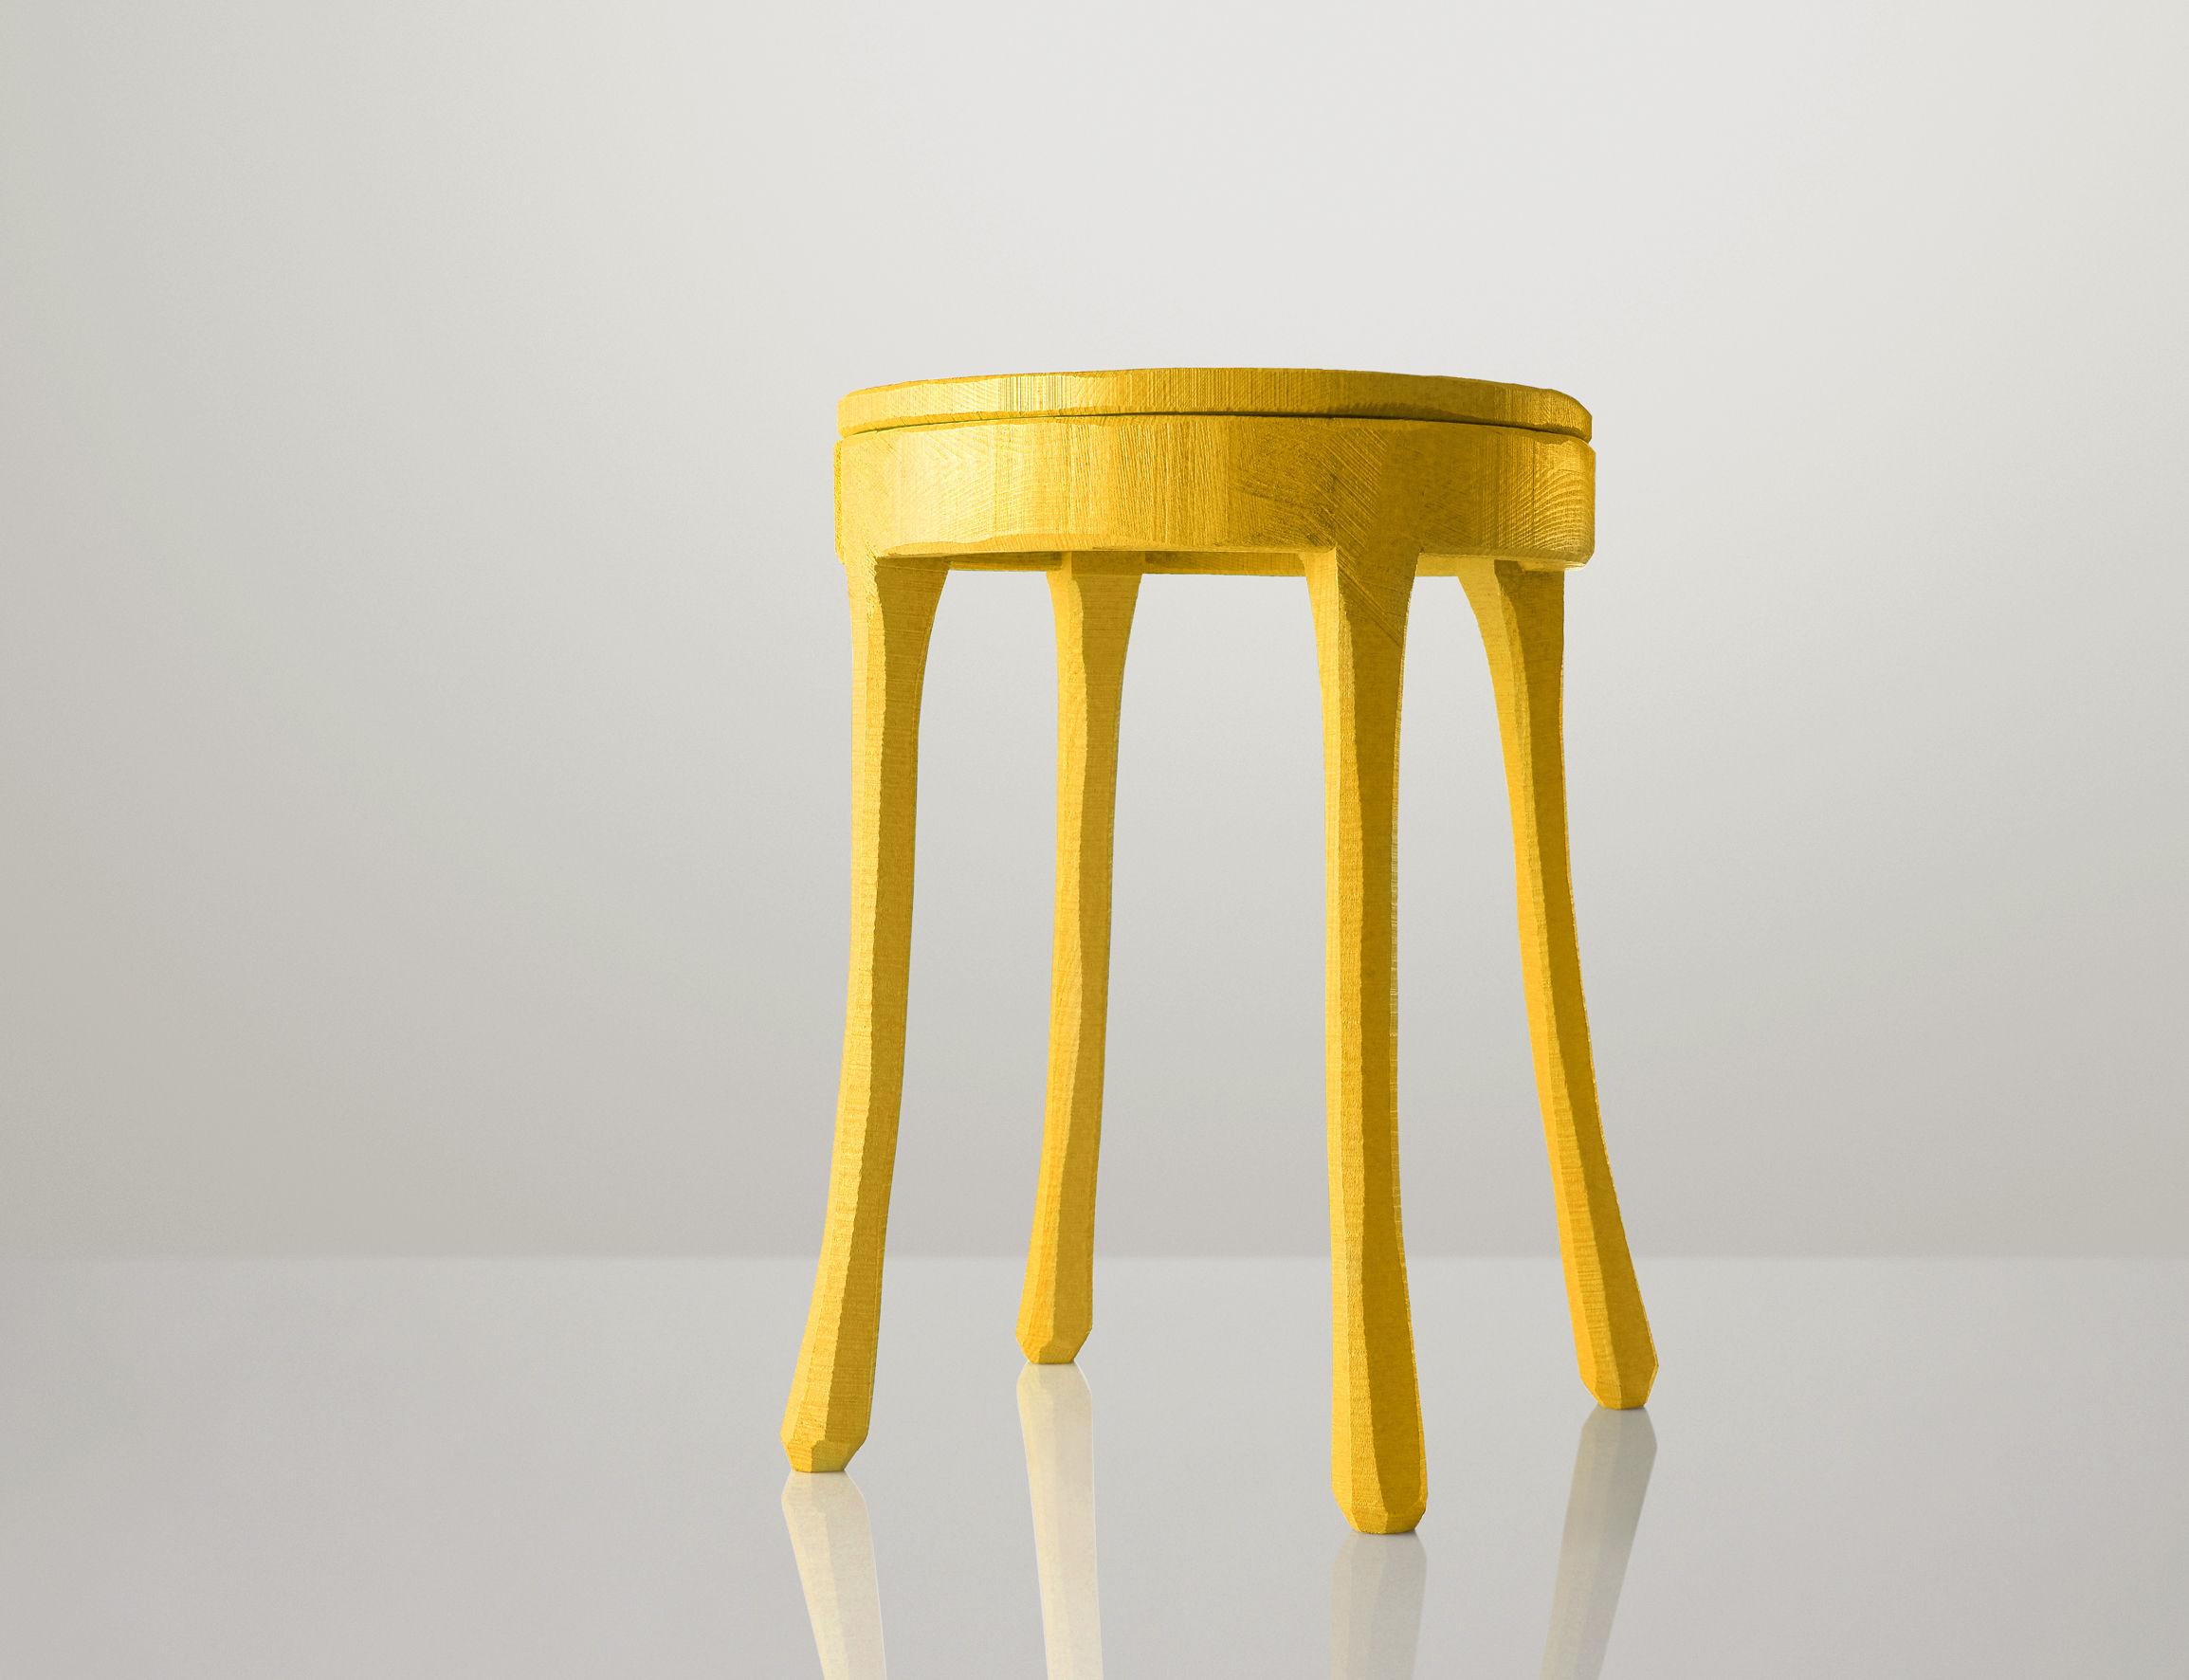 Scopri sgabellino raw giallo di muuto made in design italia